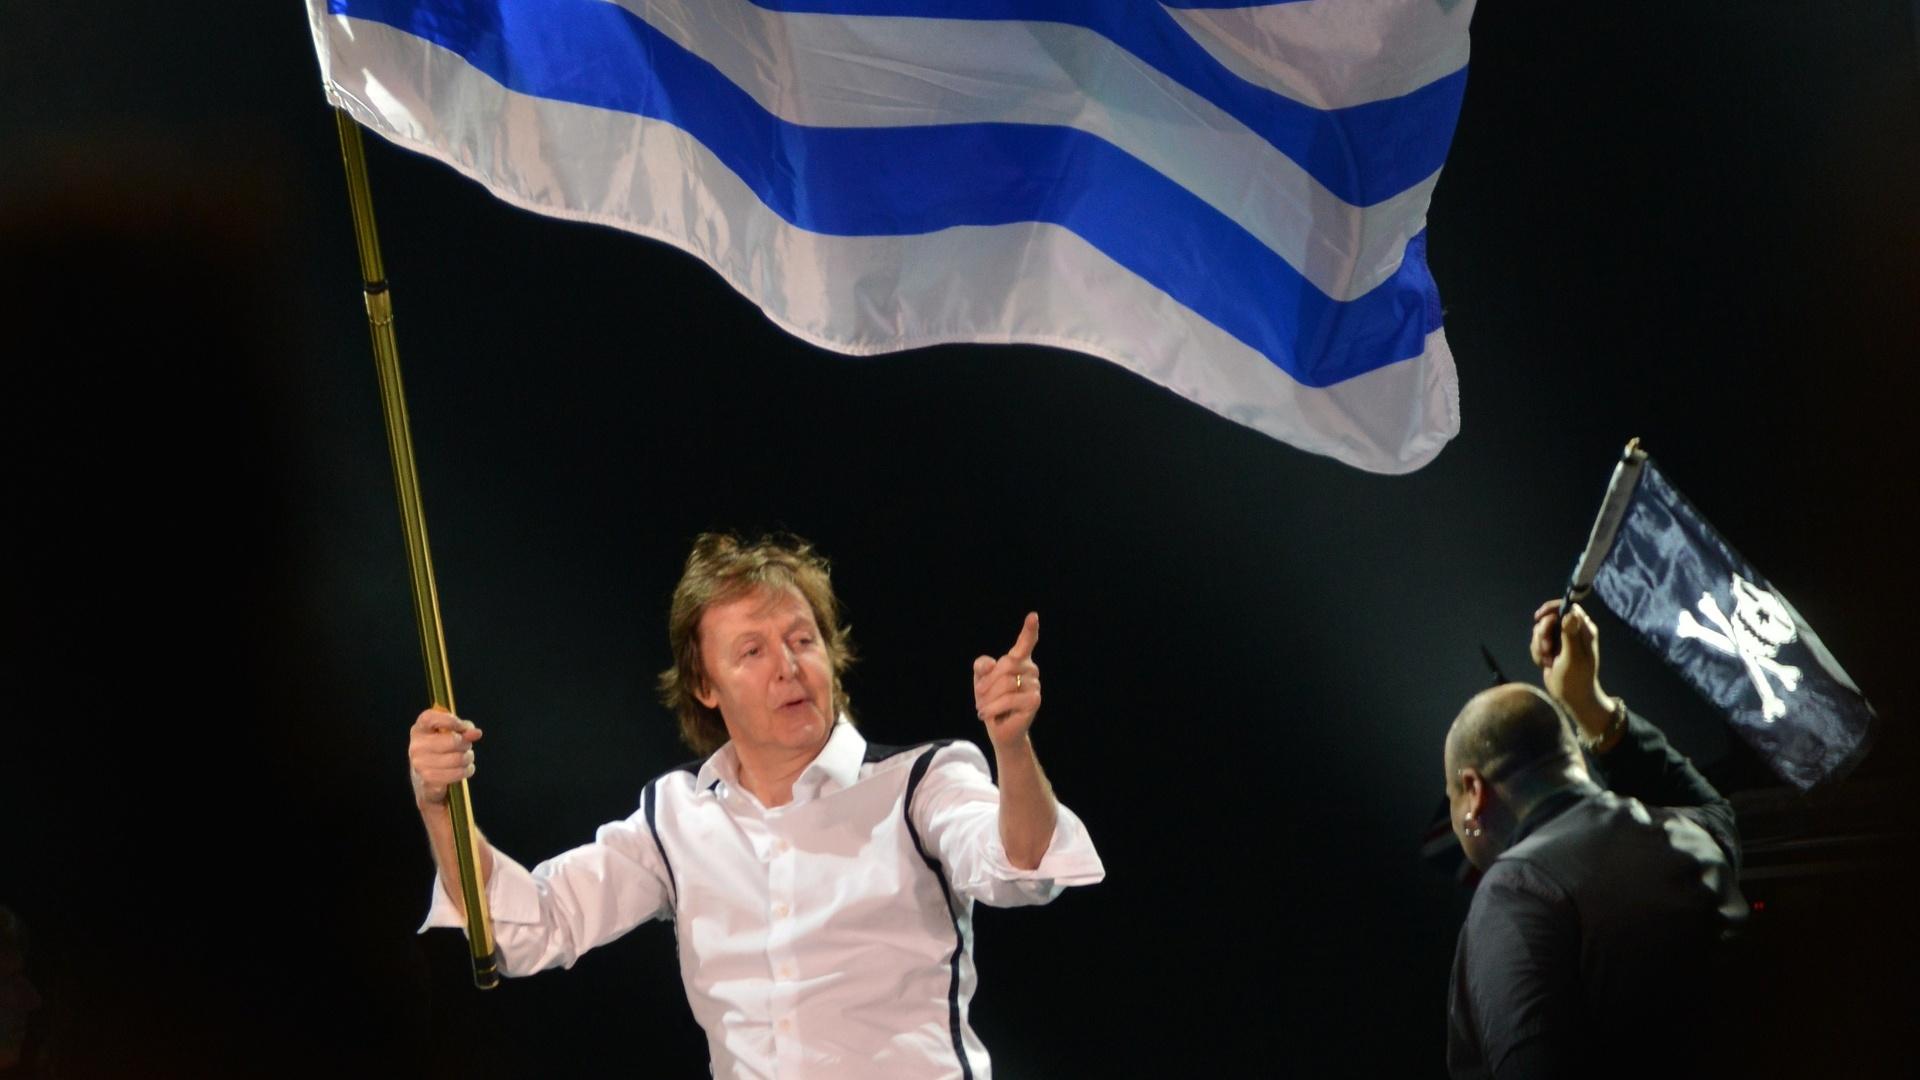 19.abr.2014 - Com a bandeira do Uruguai, Paul McCartney abre a etapa sul-americana de sua turnê